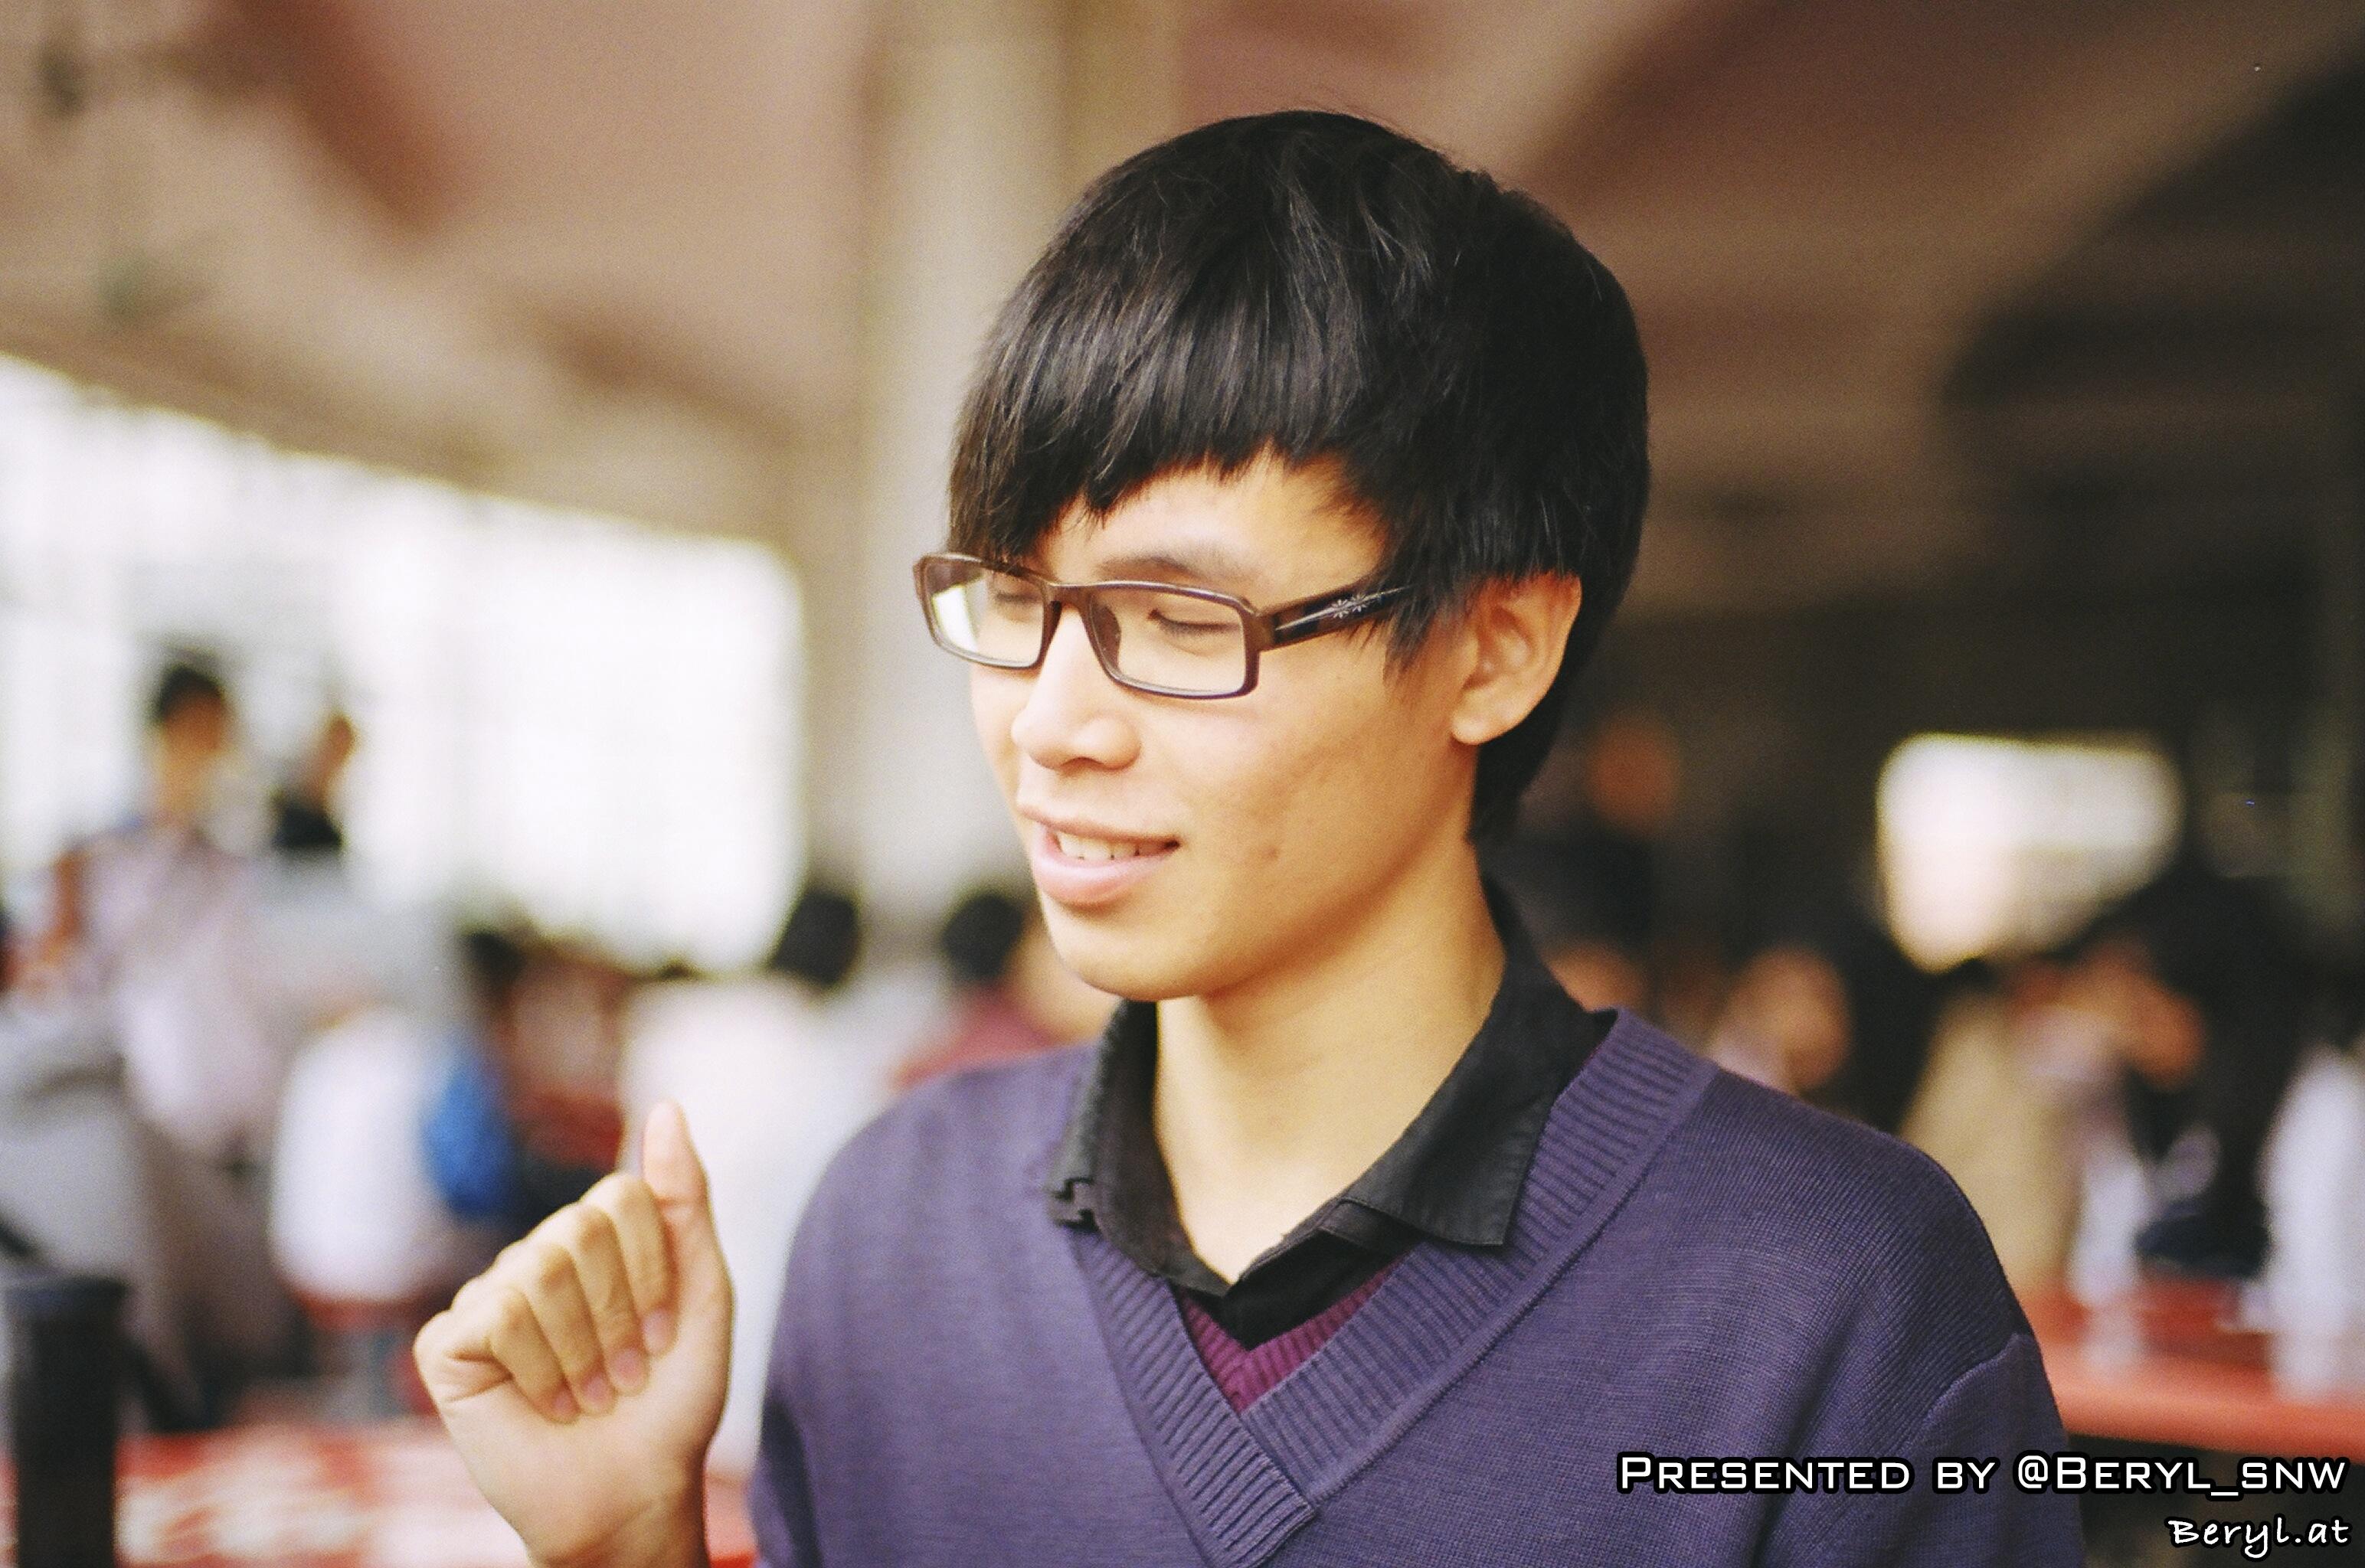 teen-asian-girl-glasses-fi